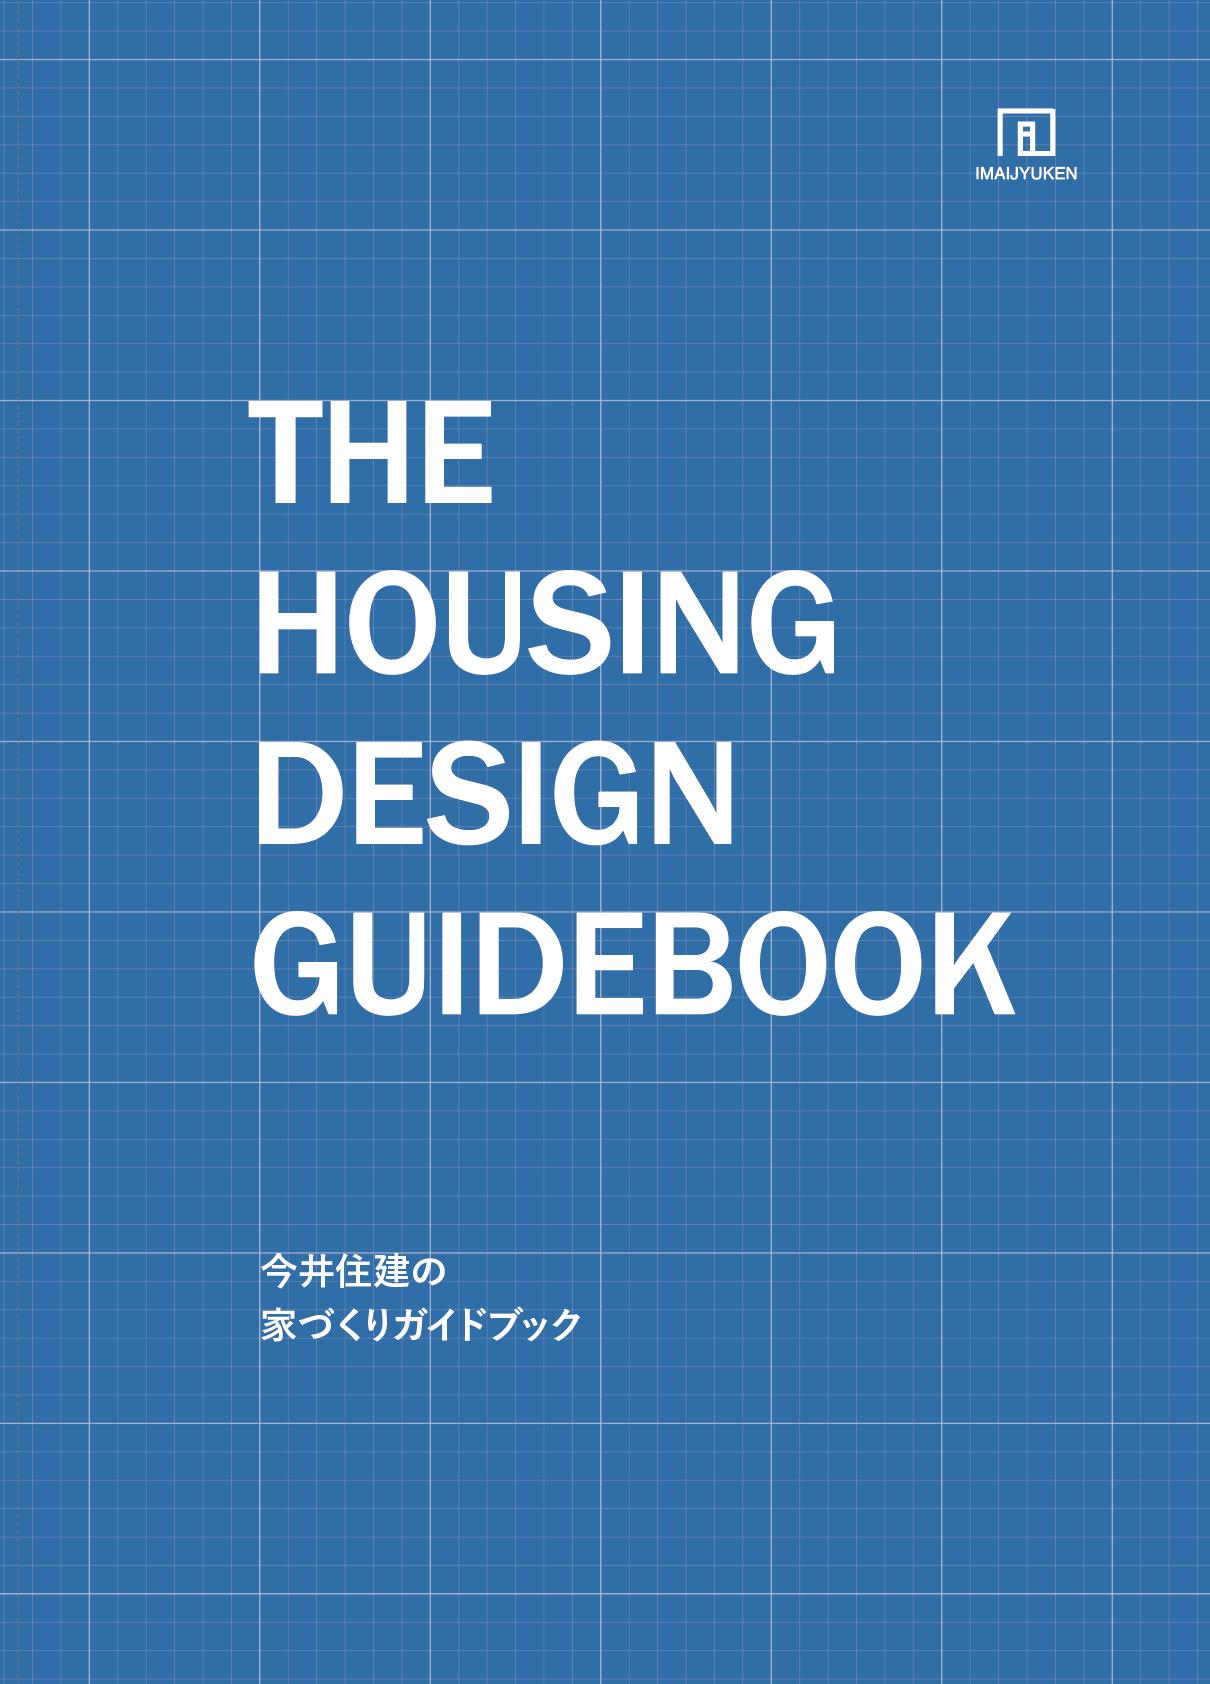 今井住建 家づくりガイドブック